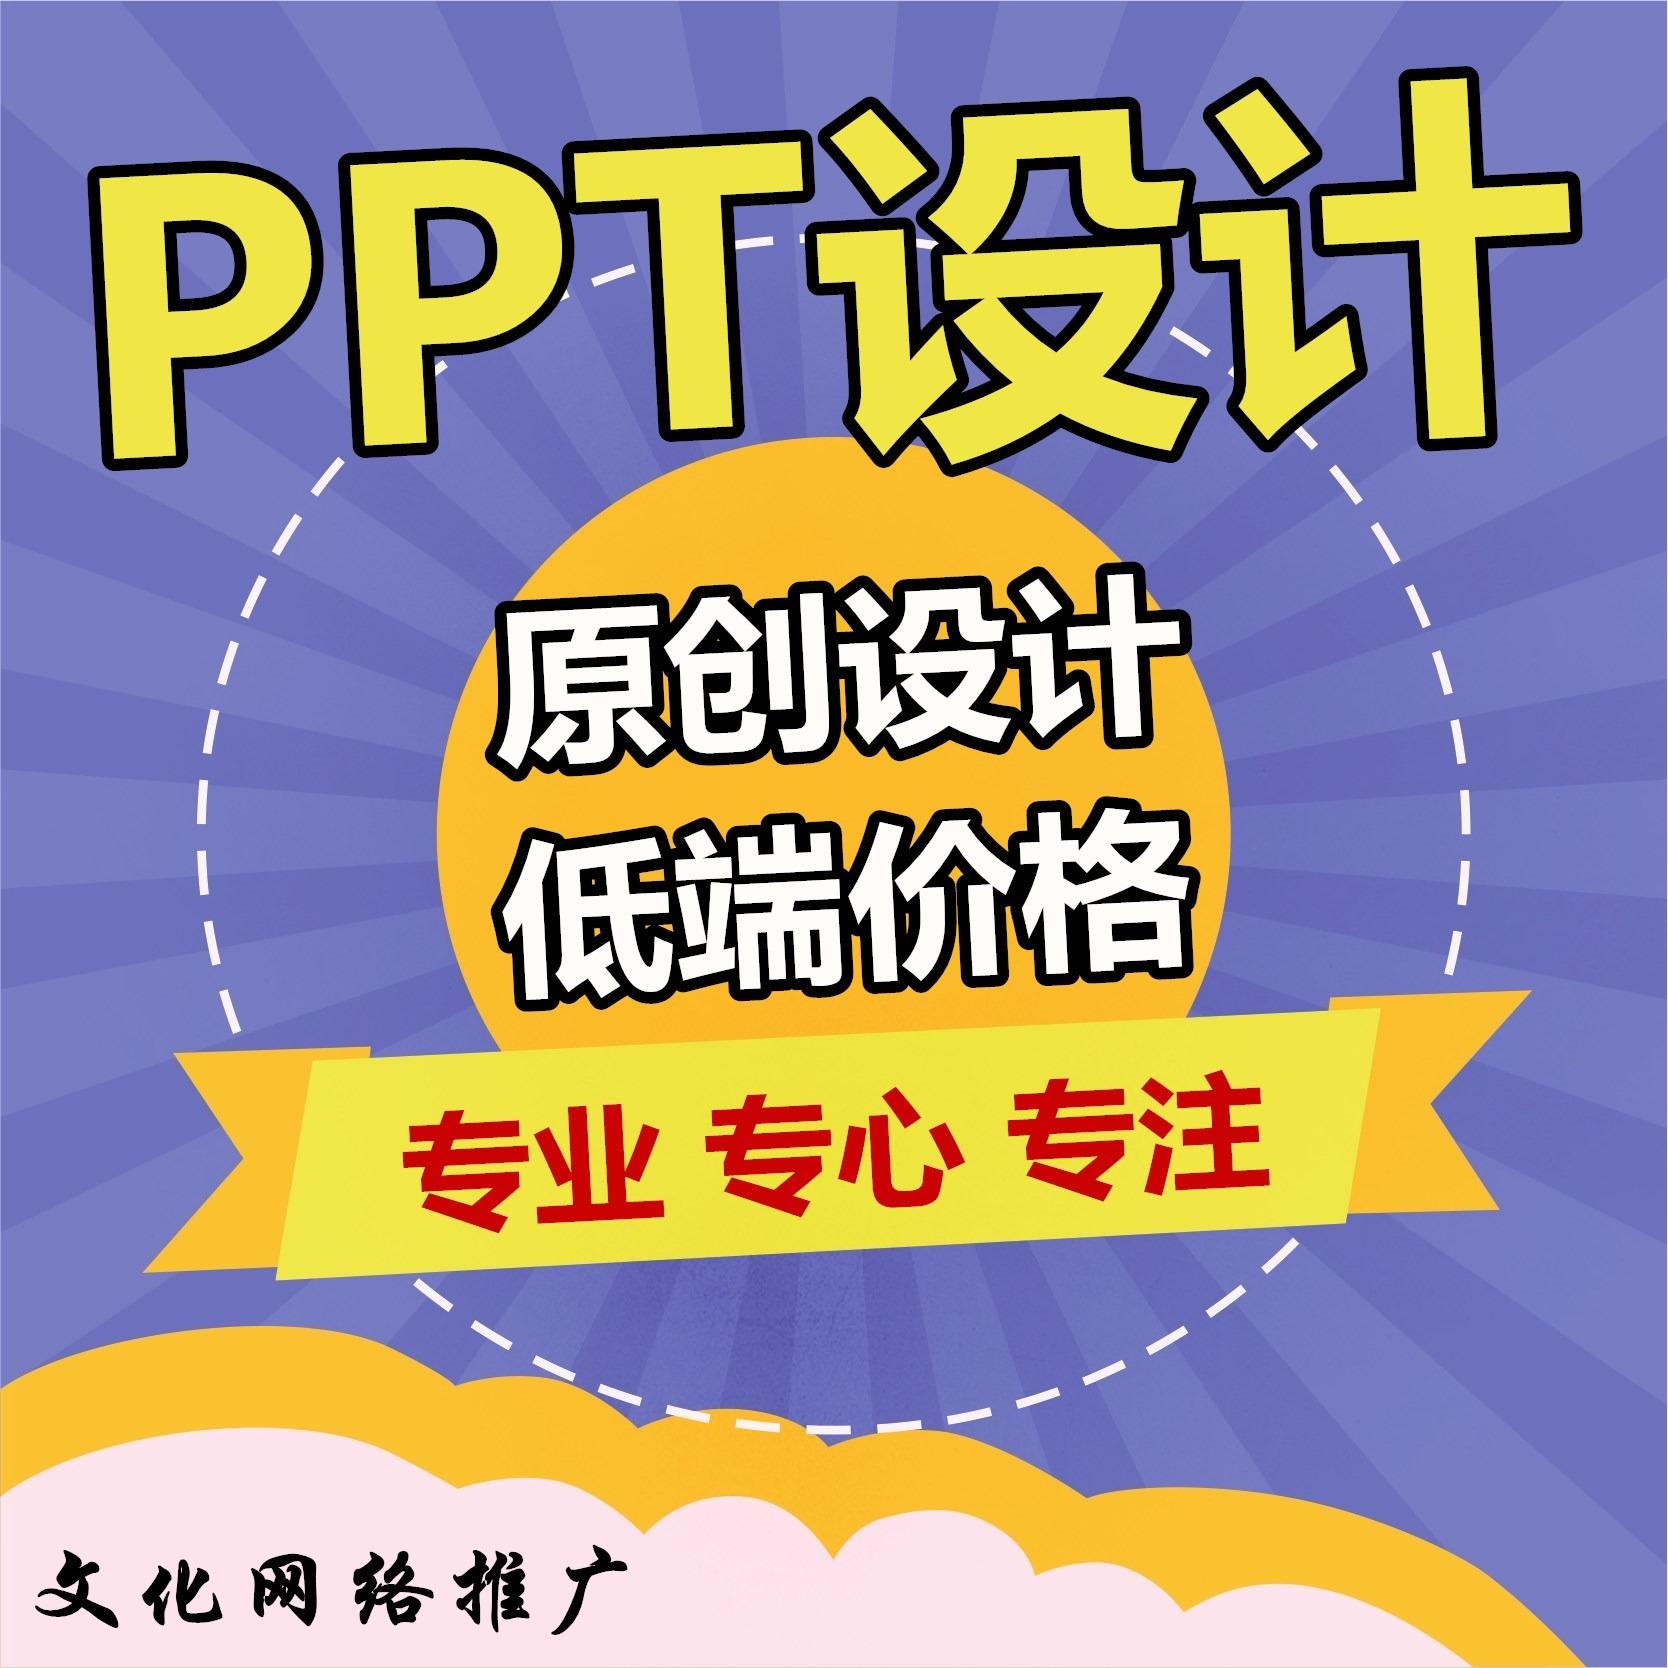 原创PPT设计制作汇报路演招商课件模板定制优化设计PPT美化